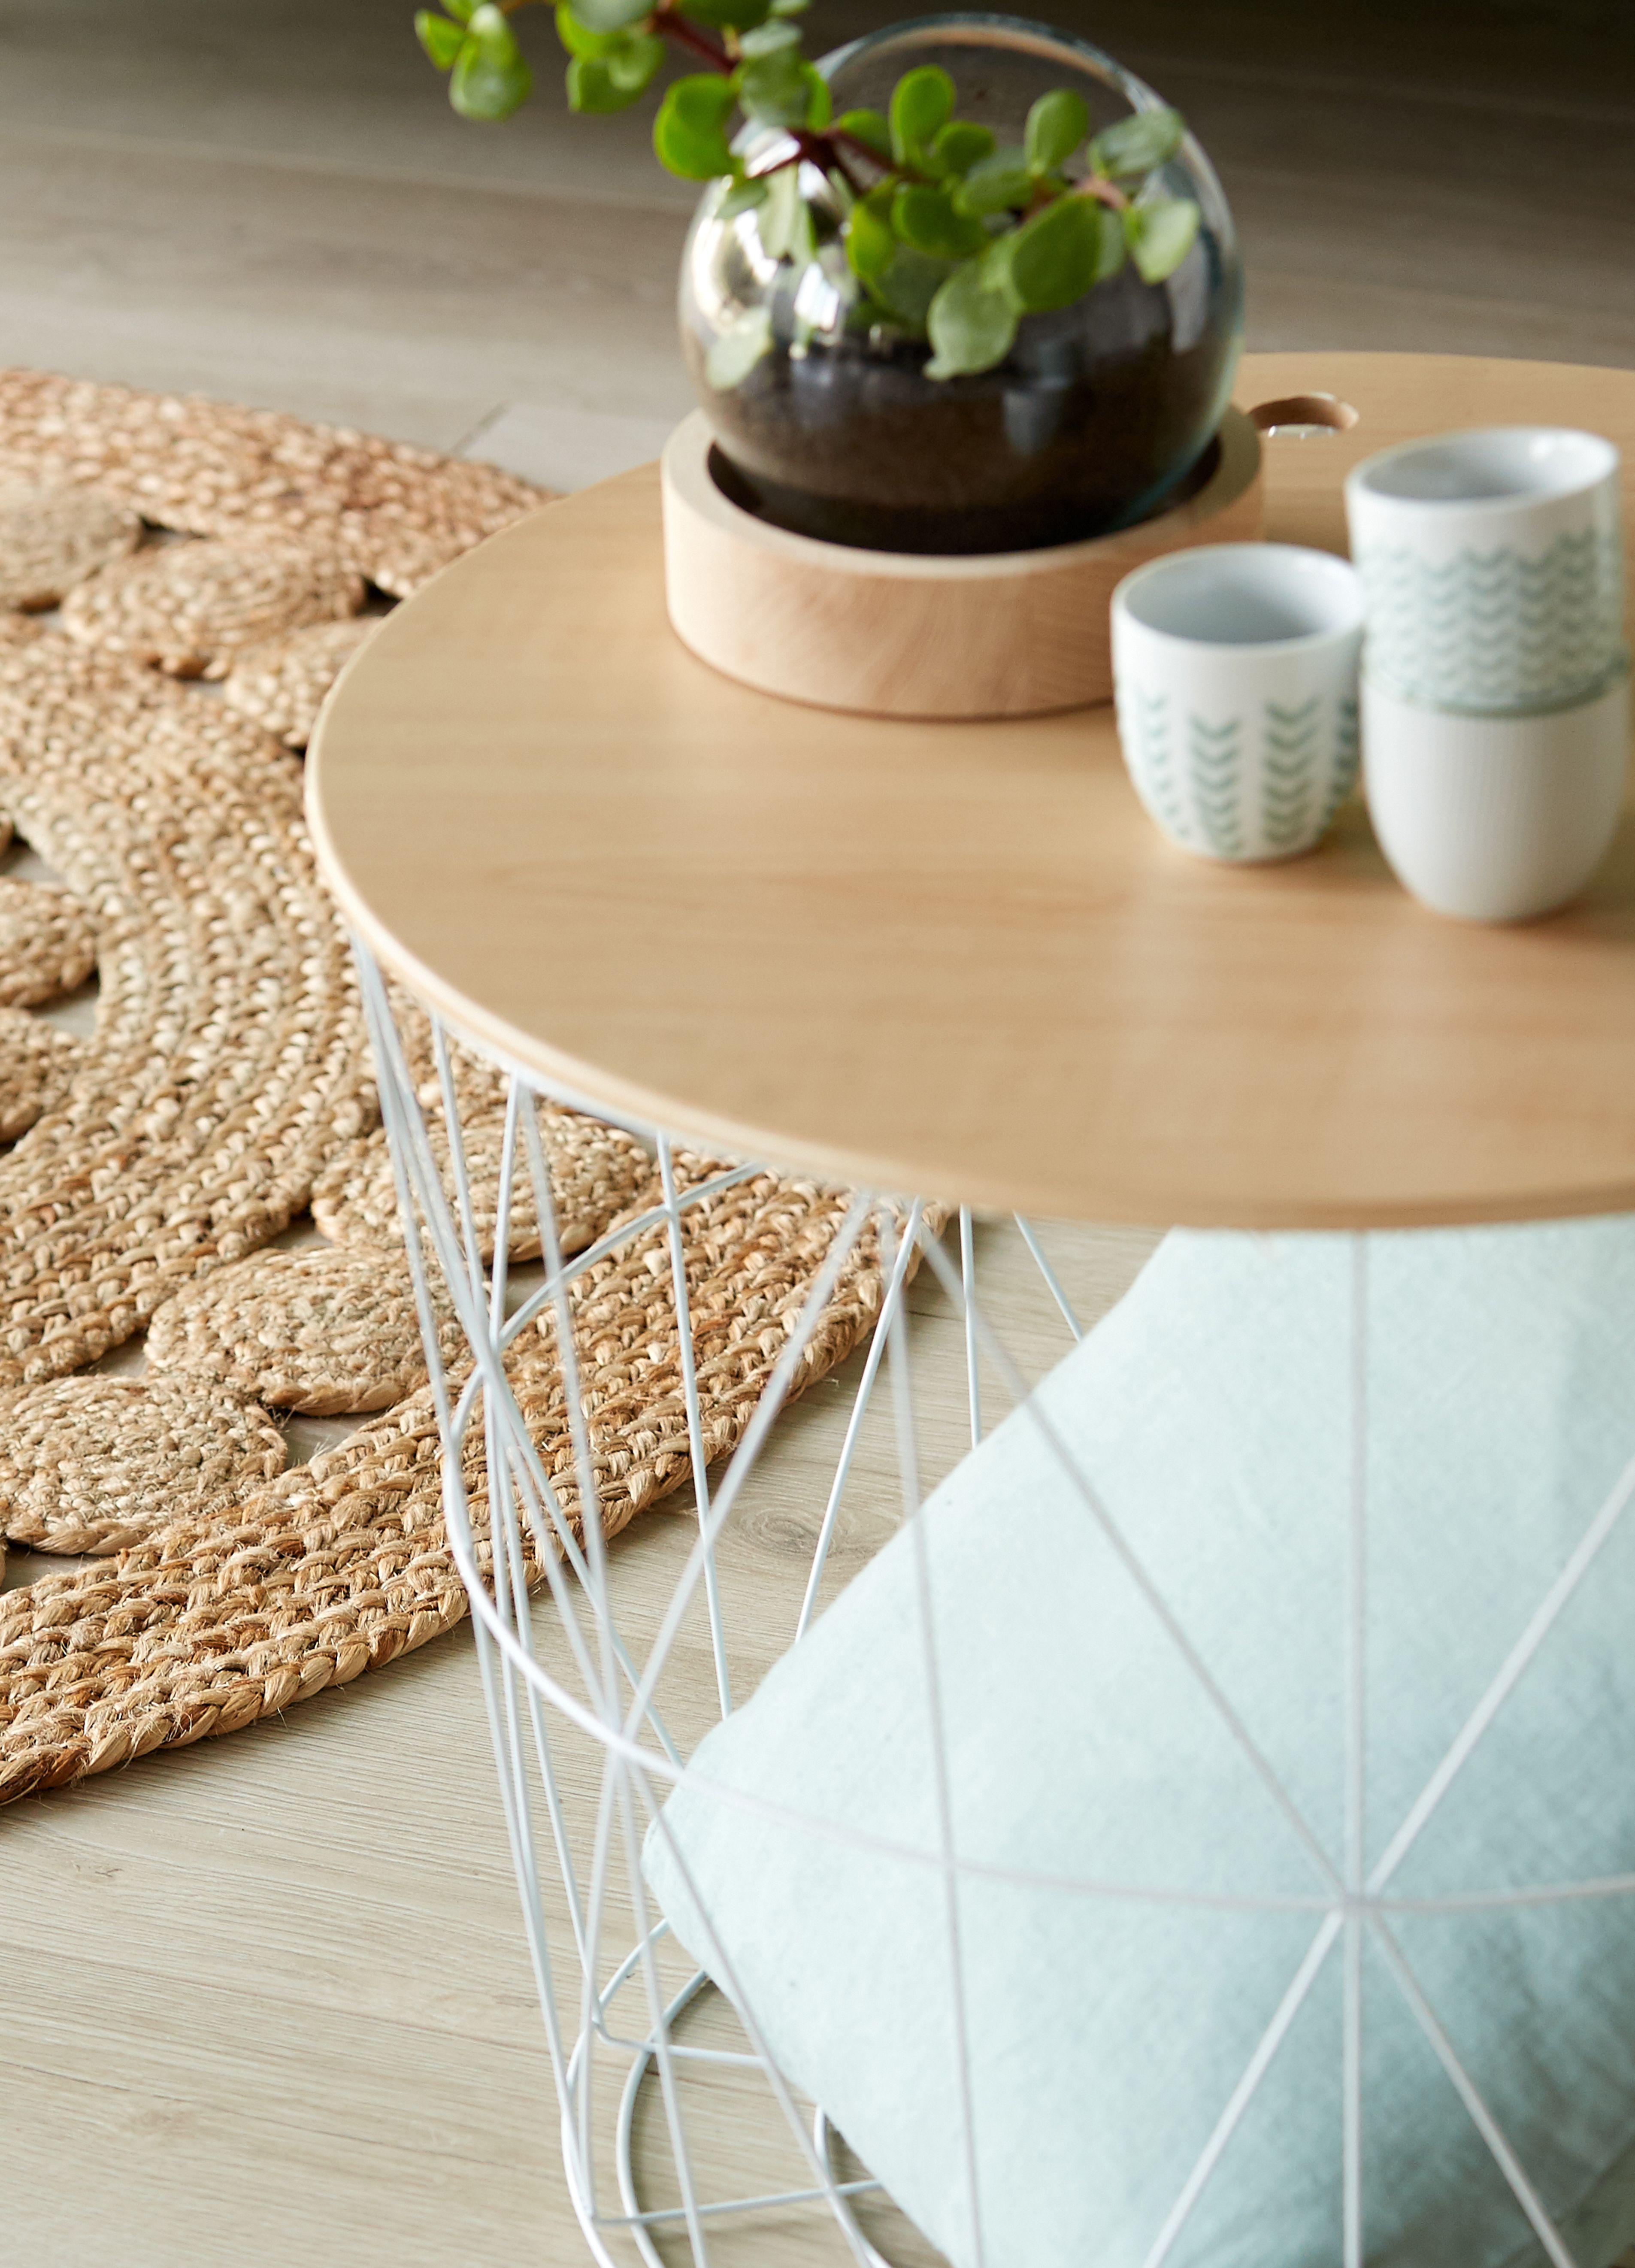 rosace tapis rond ajoure en jute decoration deco maison alinea tapis rond tapis salon stickers pour meuble